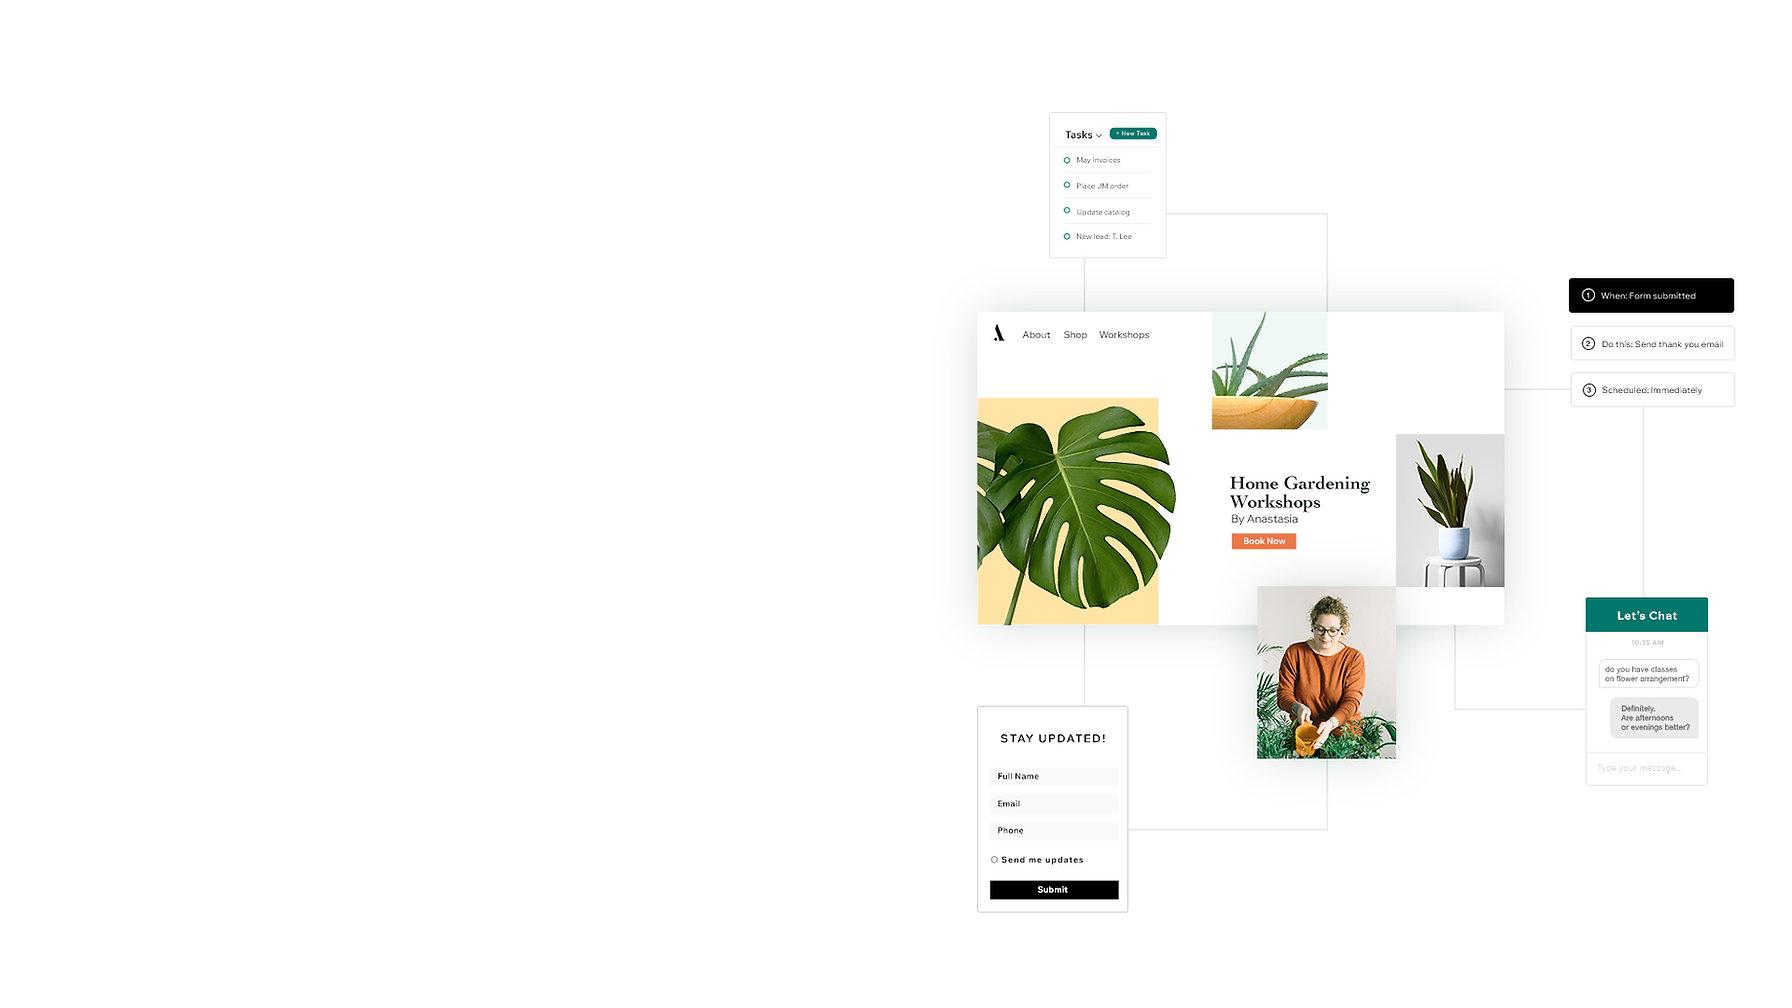 Website die planten en plantworkshops verkoopt met behulp van zakelijke tools van Ascend om hun bedrijf te promoten en te beheren. Inclusief automatiseringen, chat, taken en formulieren om online op de markt te brengen en te groeien.